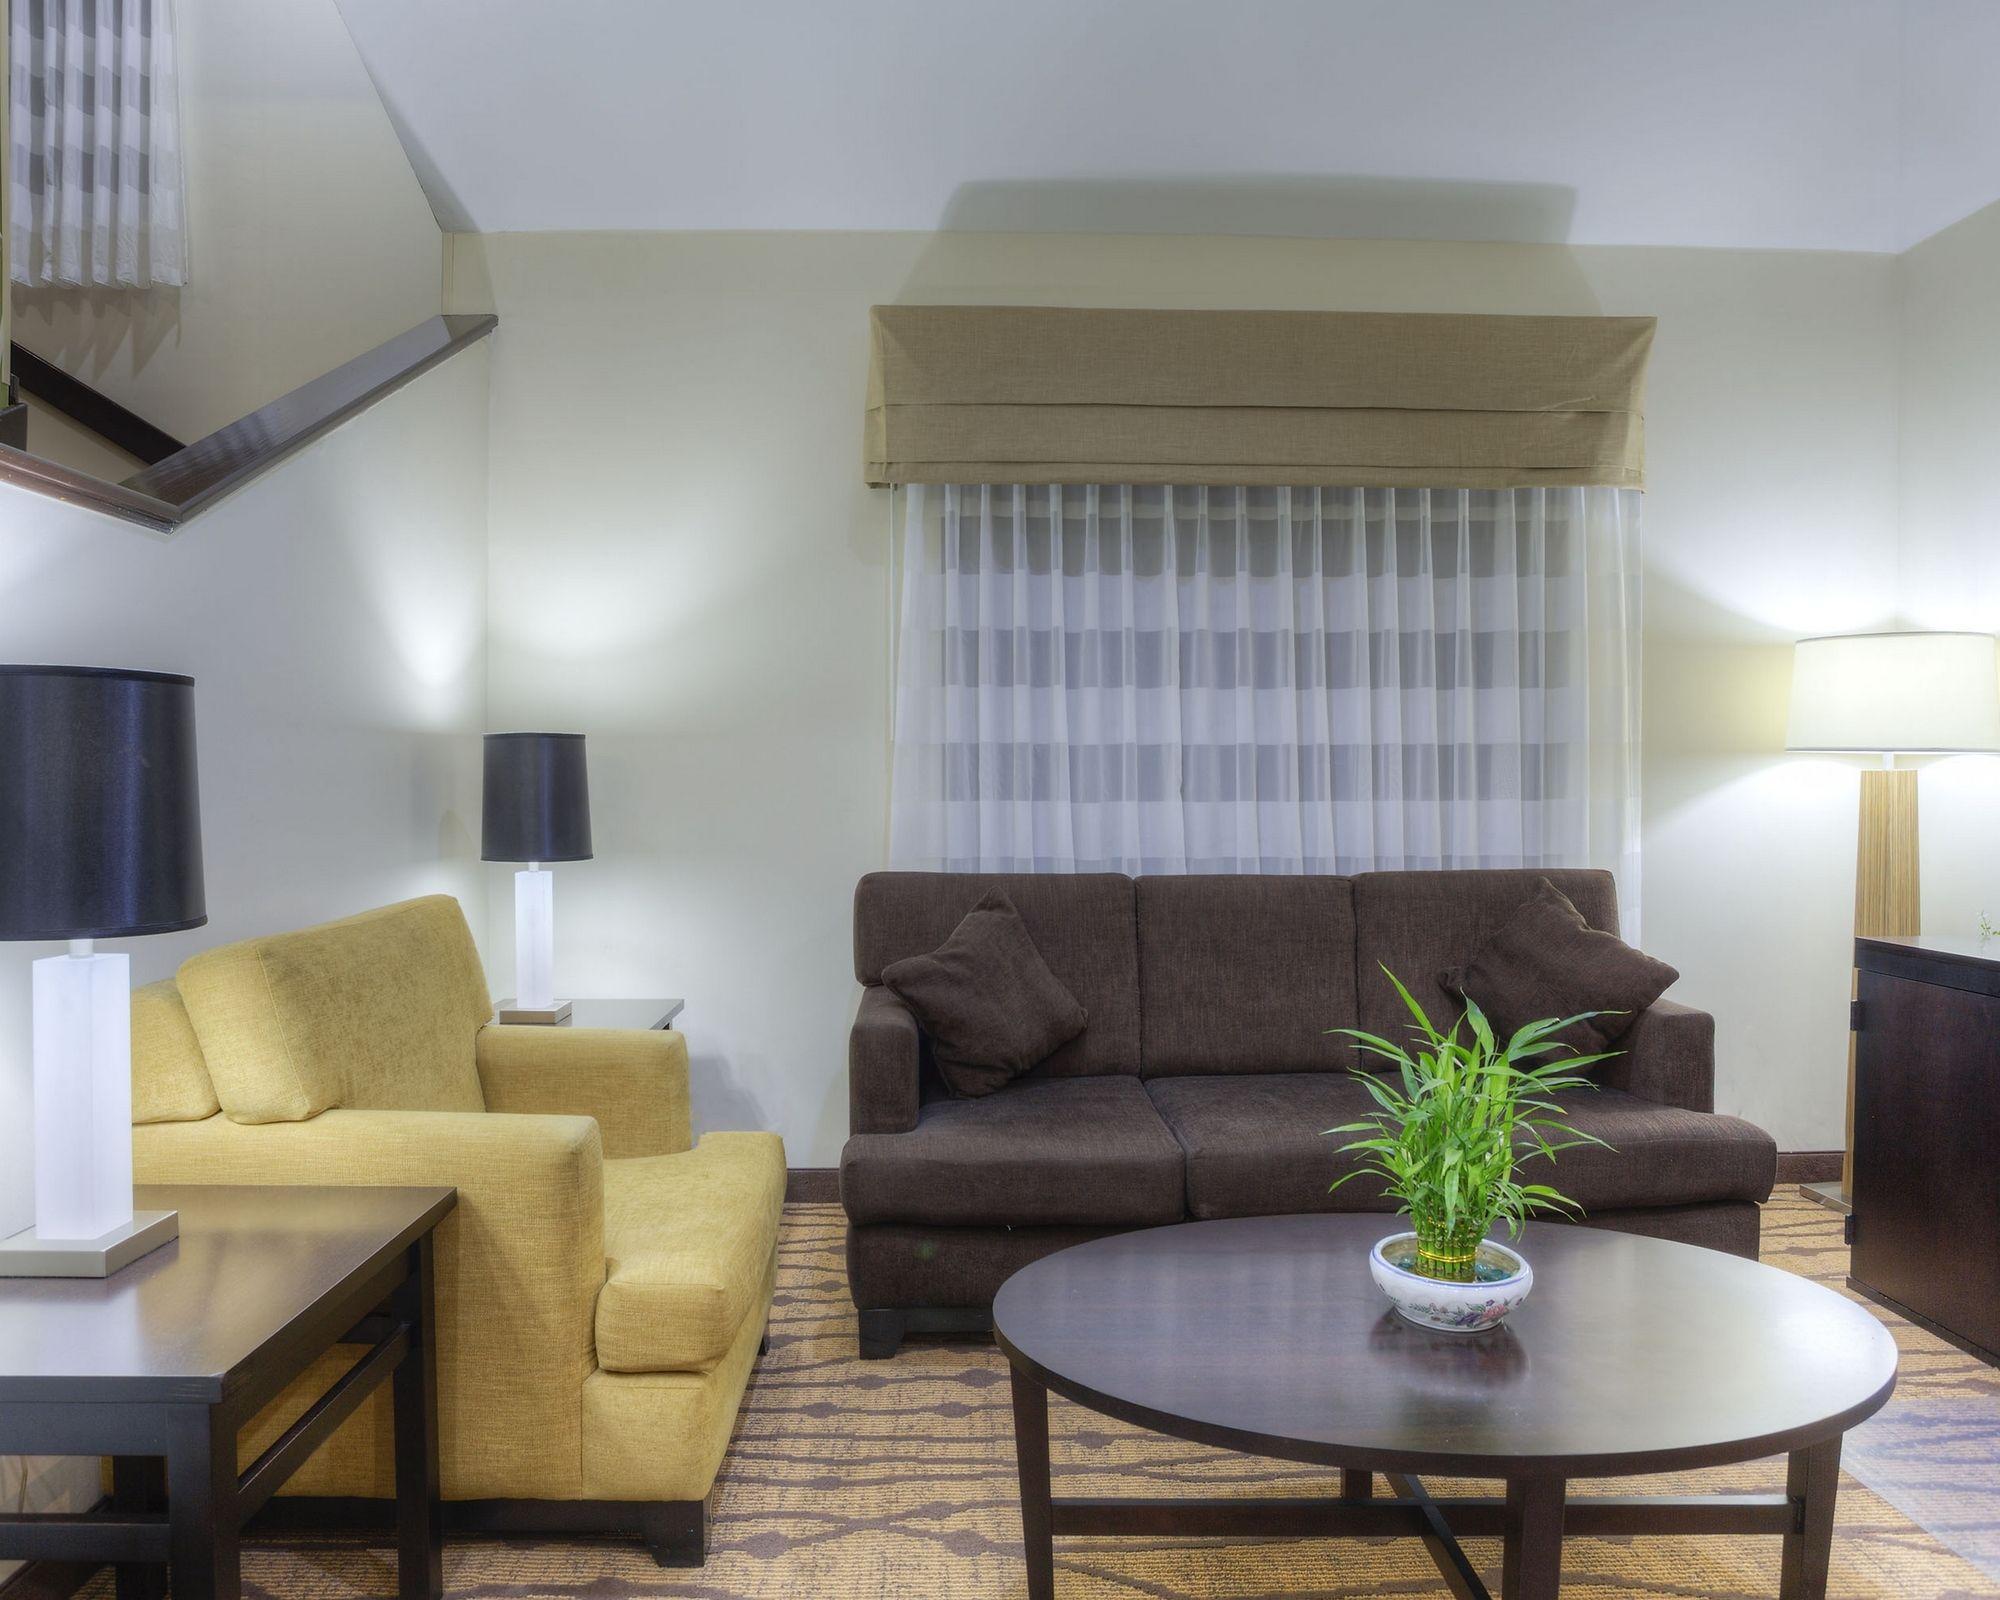 Sleep Inn Bryson City - Cherokee Area in Bryson City, NC